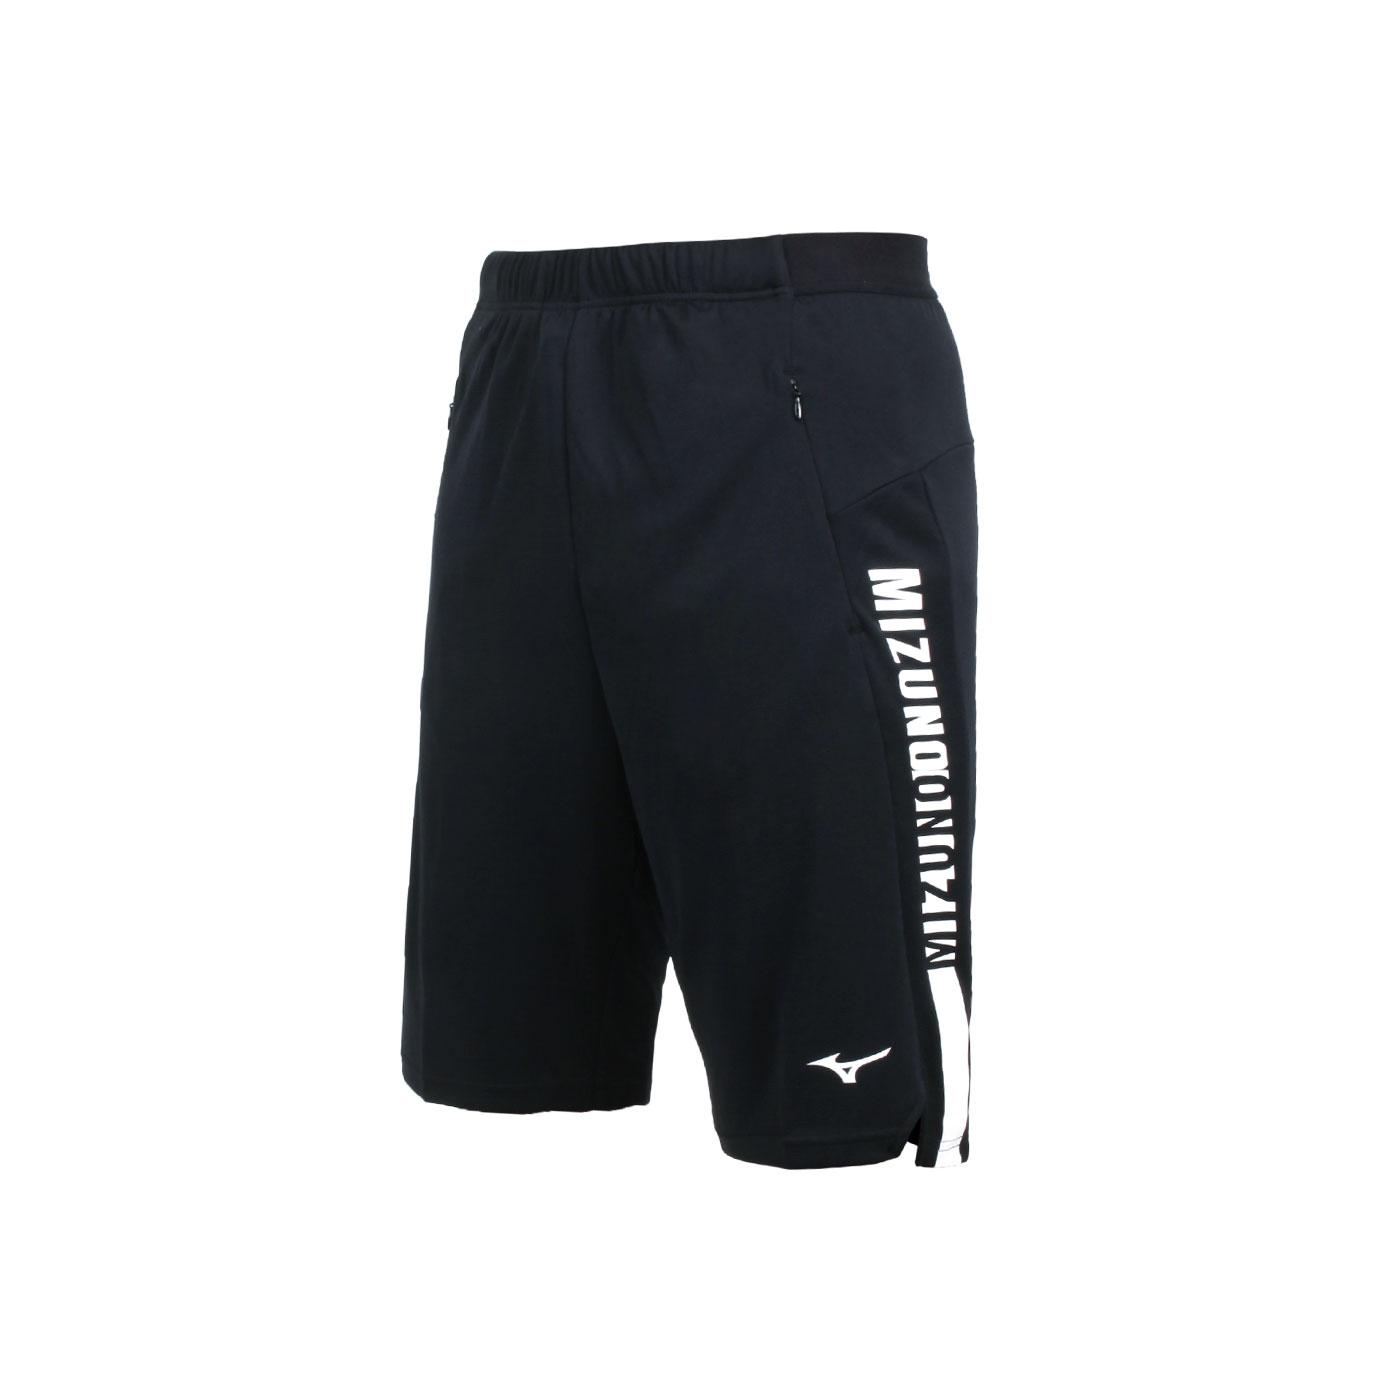 MIZUNO 男款針織短褲 32TB100190 - 黑白